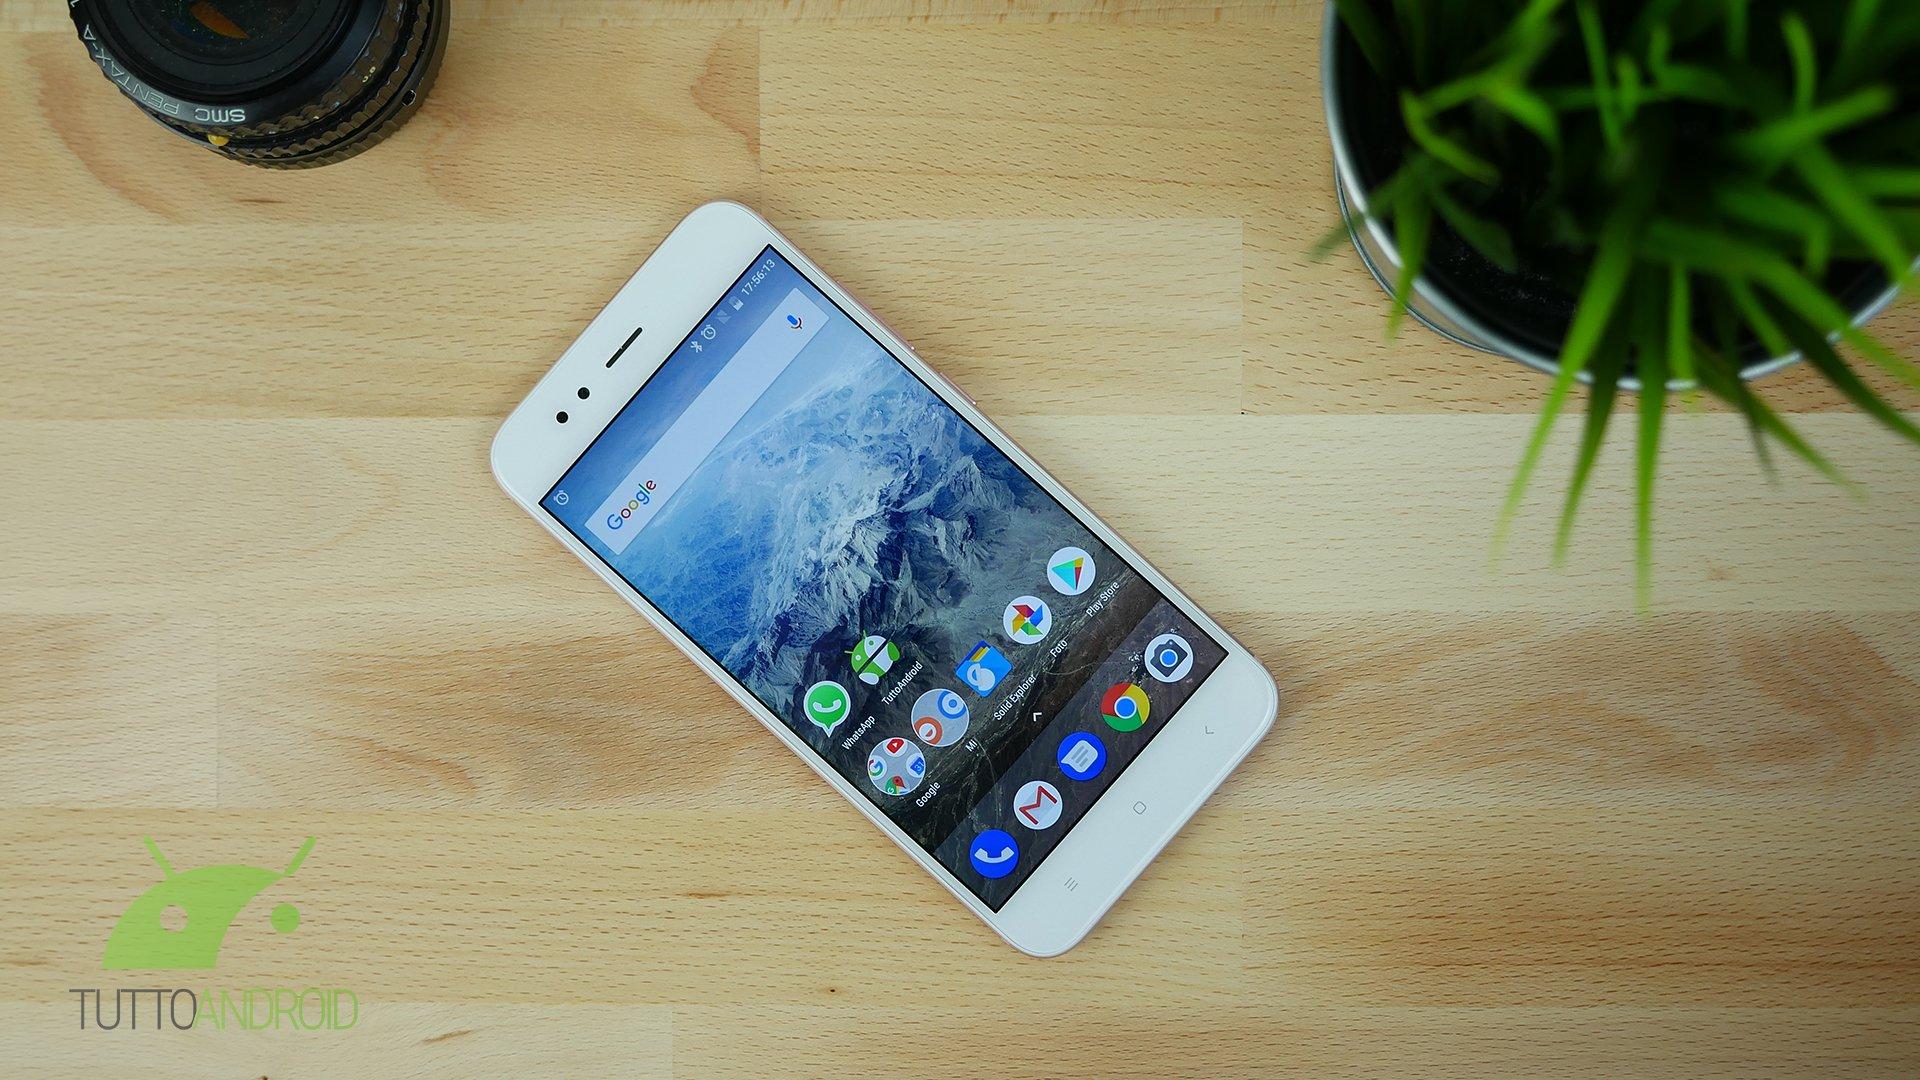 Ufficio Per Xiaomi : Recensione xiaomi mi a1: best buy nexus style tuttoandroid